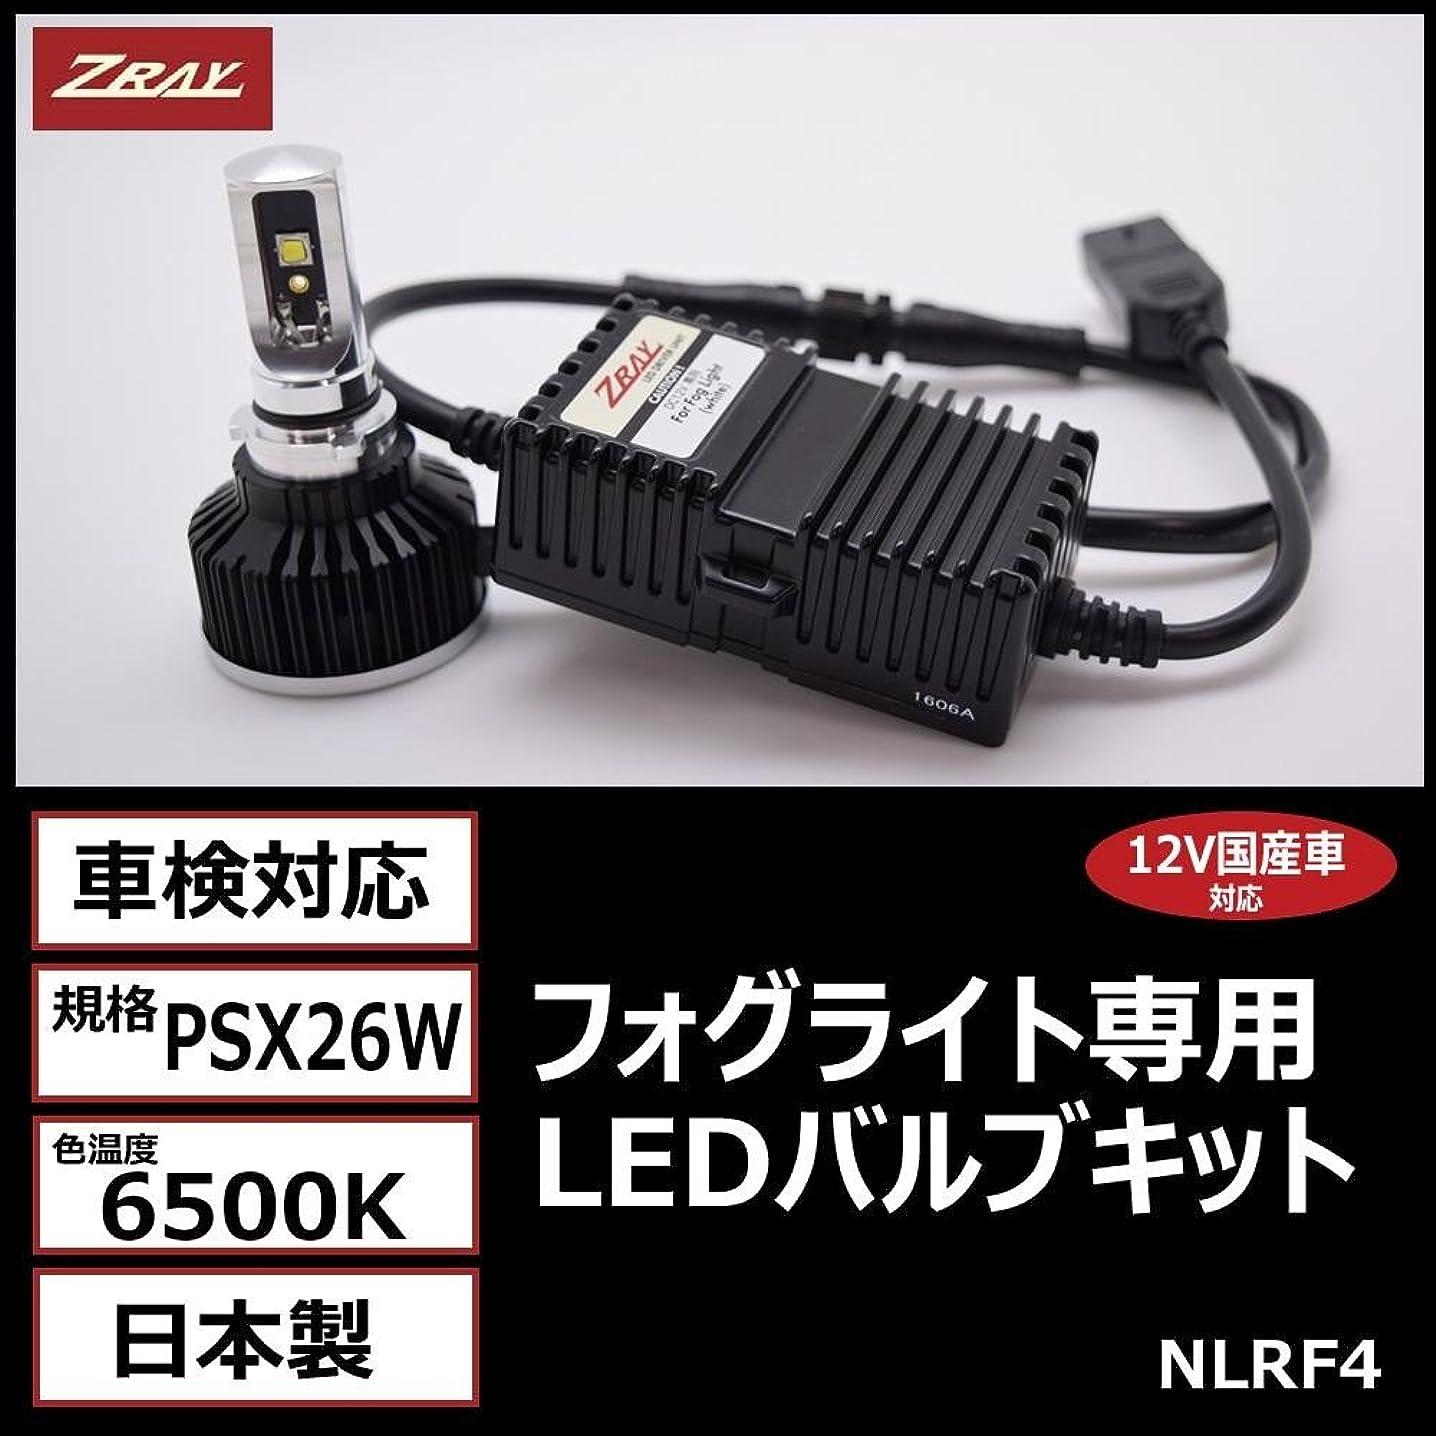 眩惑する銛フィドルZRAY ゼットレイ RF4 フォグライト専用LEDバルブキット PSX26W 6500K NLRF4 【人気 おすすめ 】